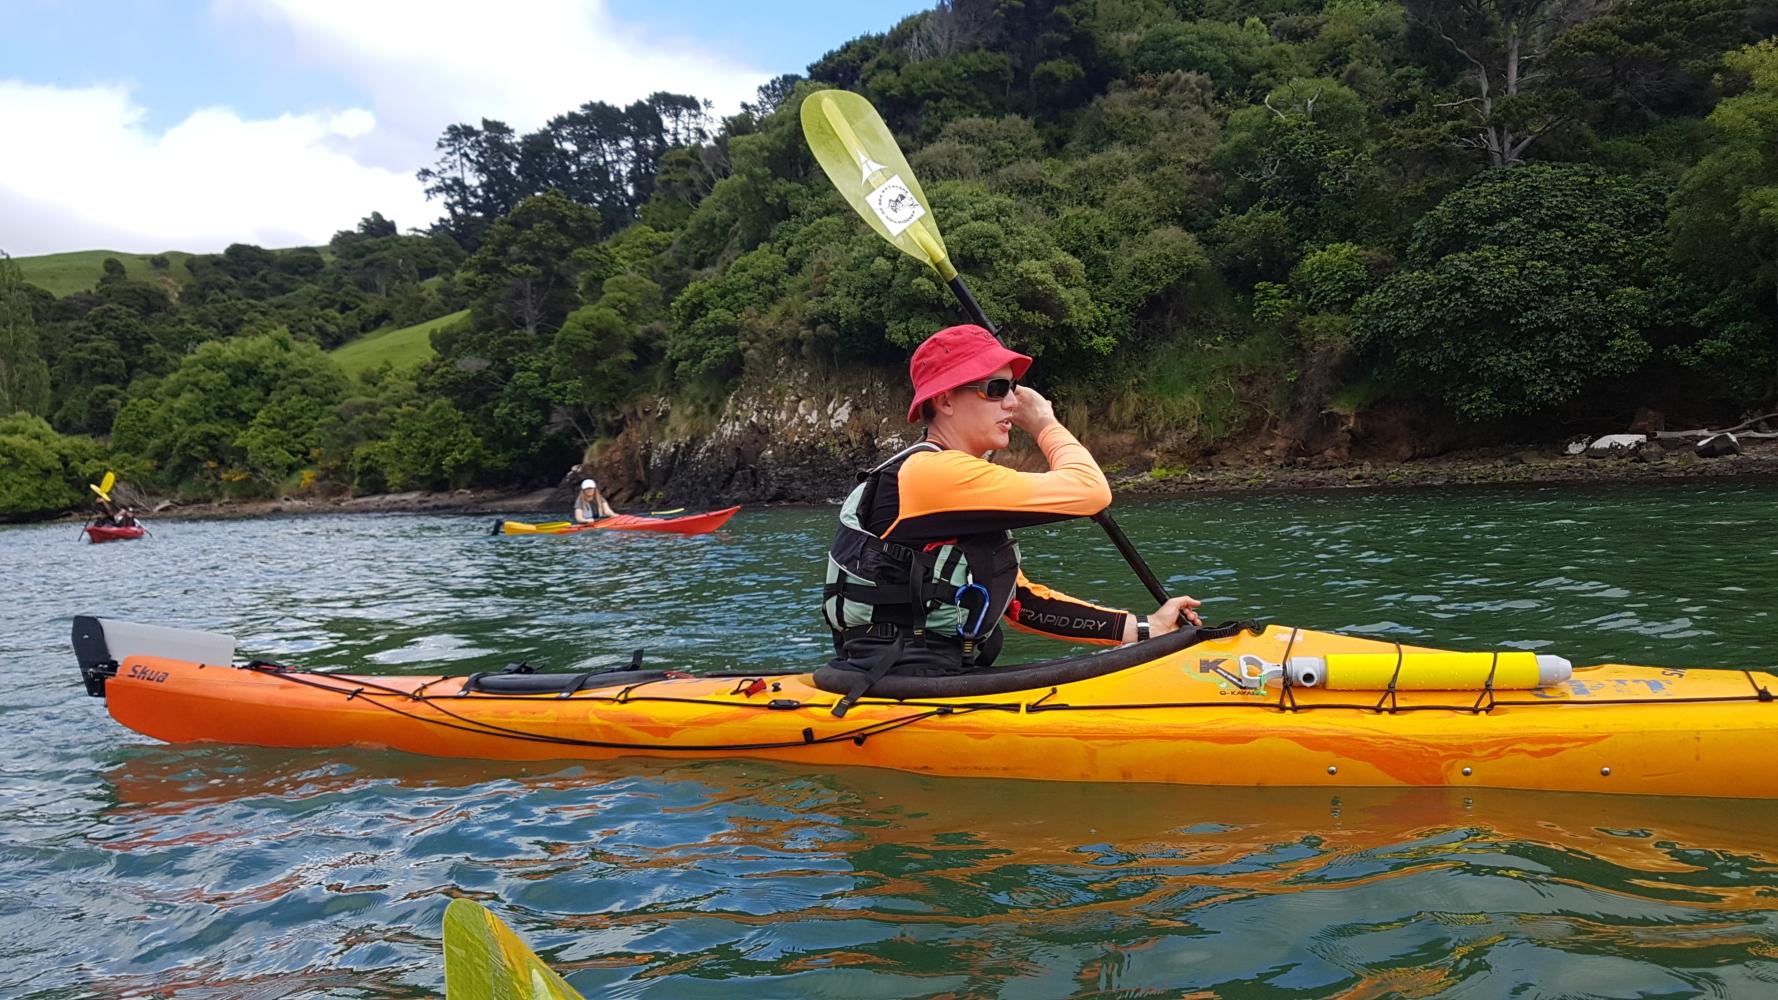 Sunset Sea Kayaking Lyttelton Harbour - Adventure by Nature  Adventure by Nature